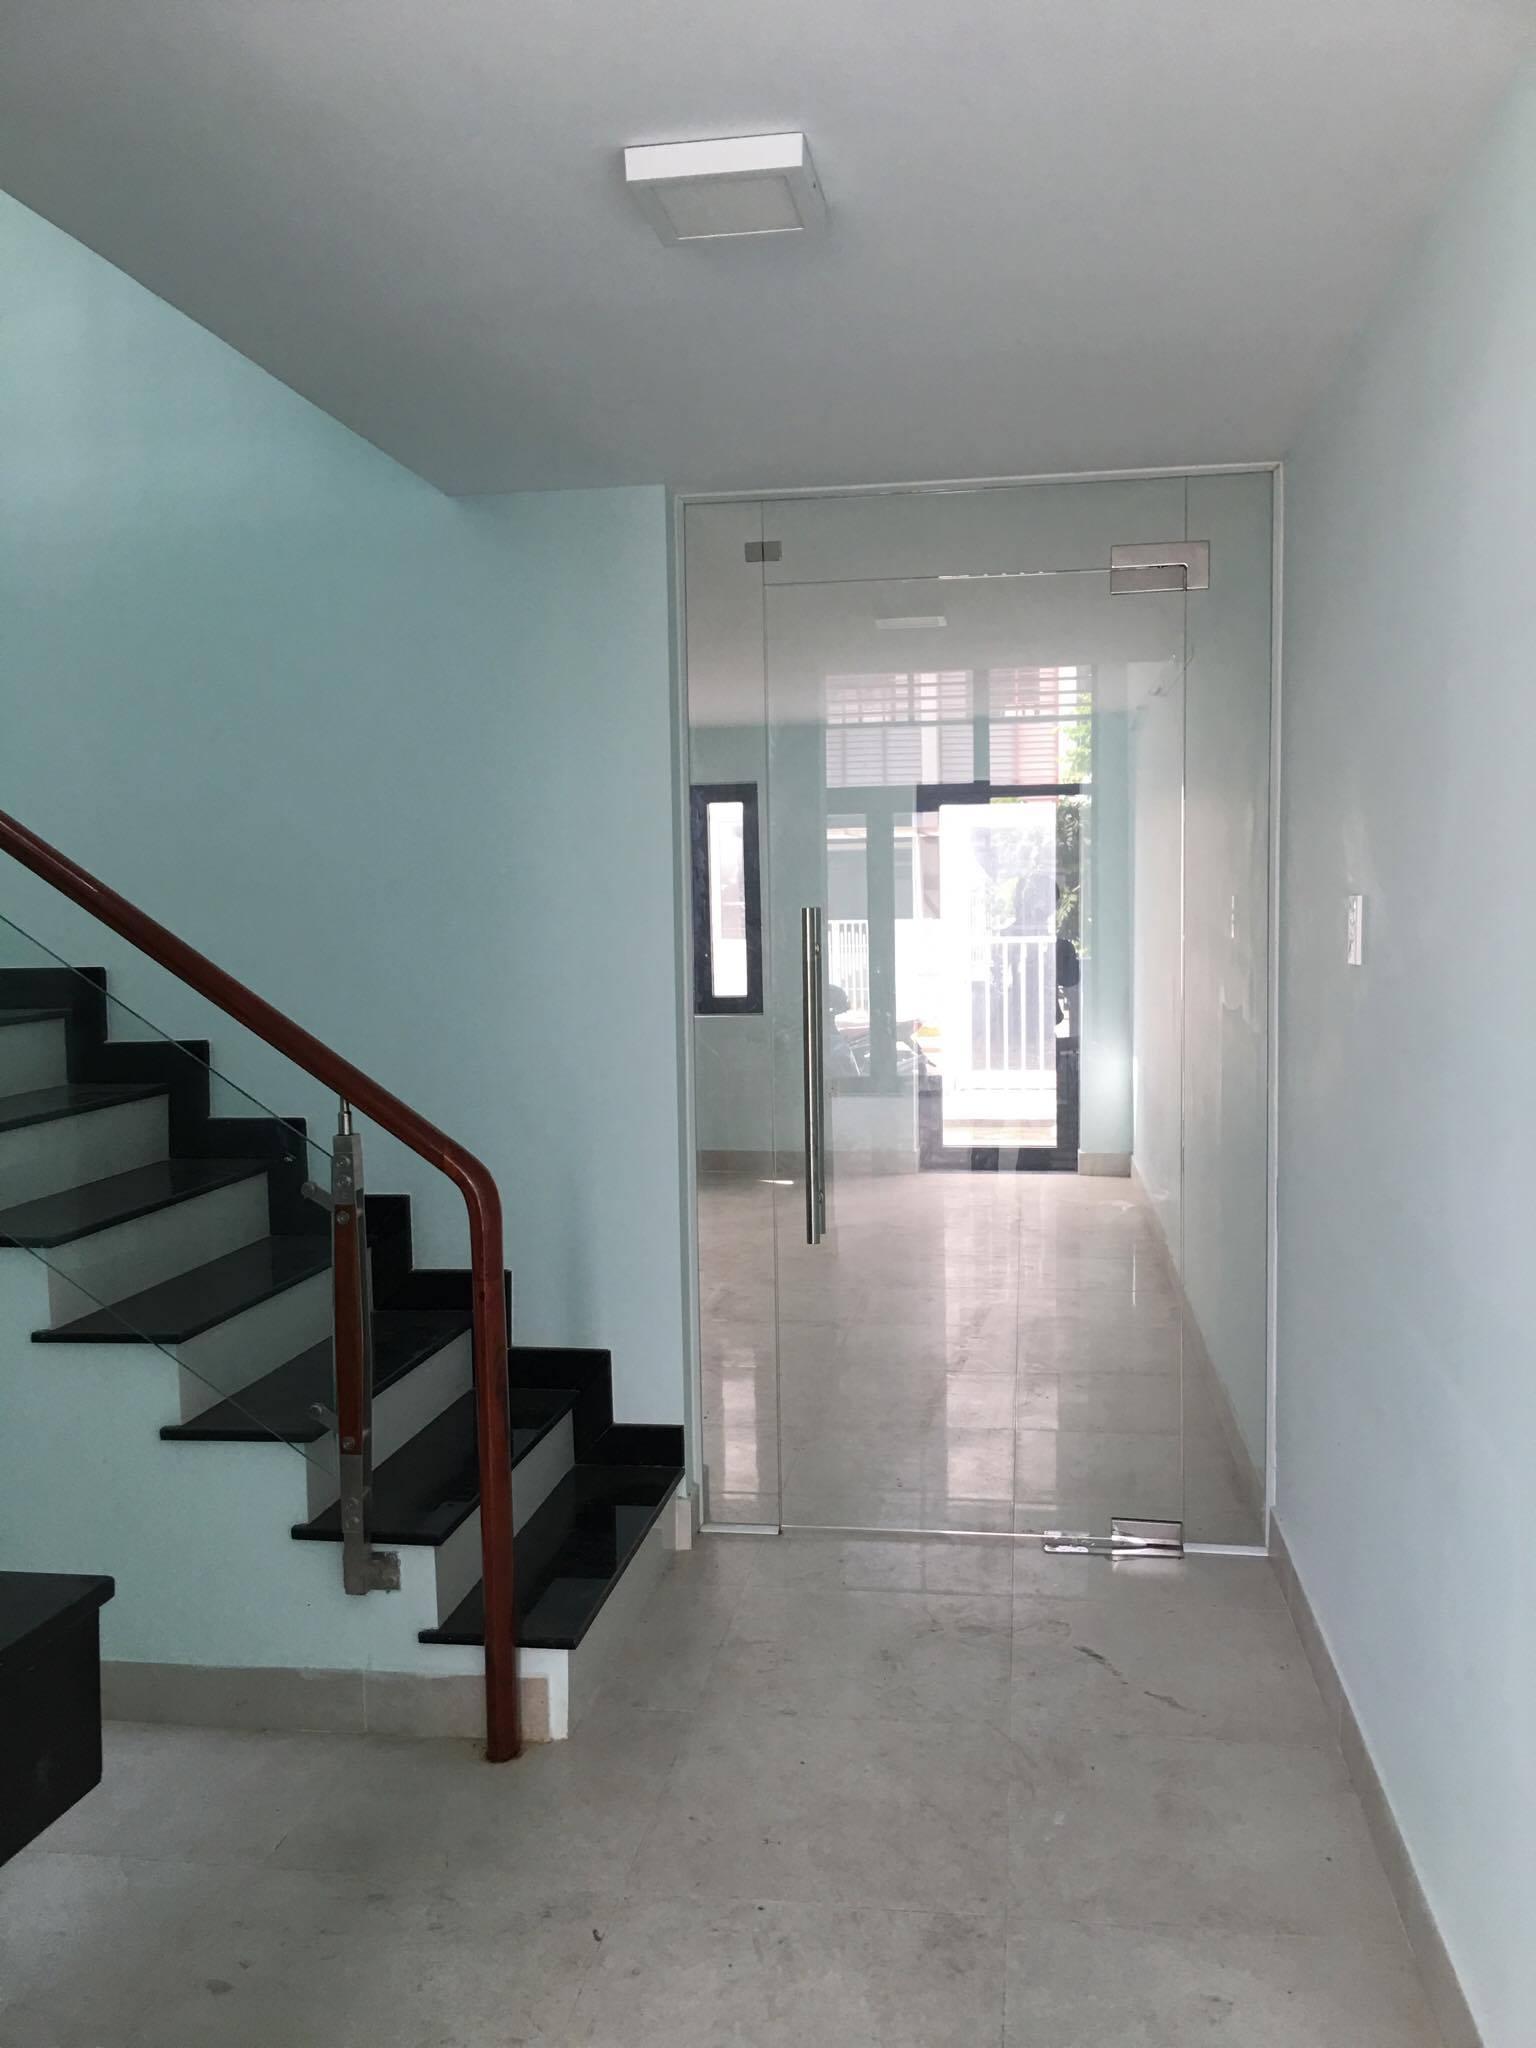 4 Cho thuê nhà biệt thự liền kề tại khu đô thị Phố Đông, Quận 2, Thành phố Hồ Chí Minh